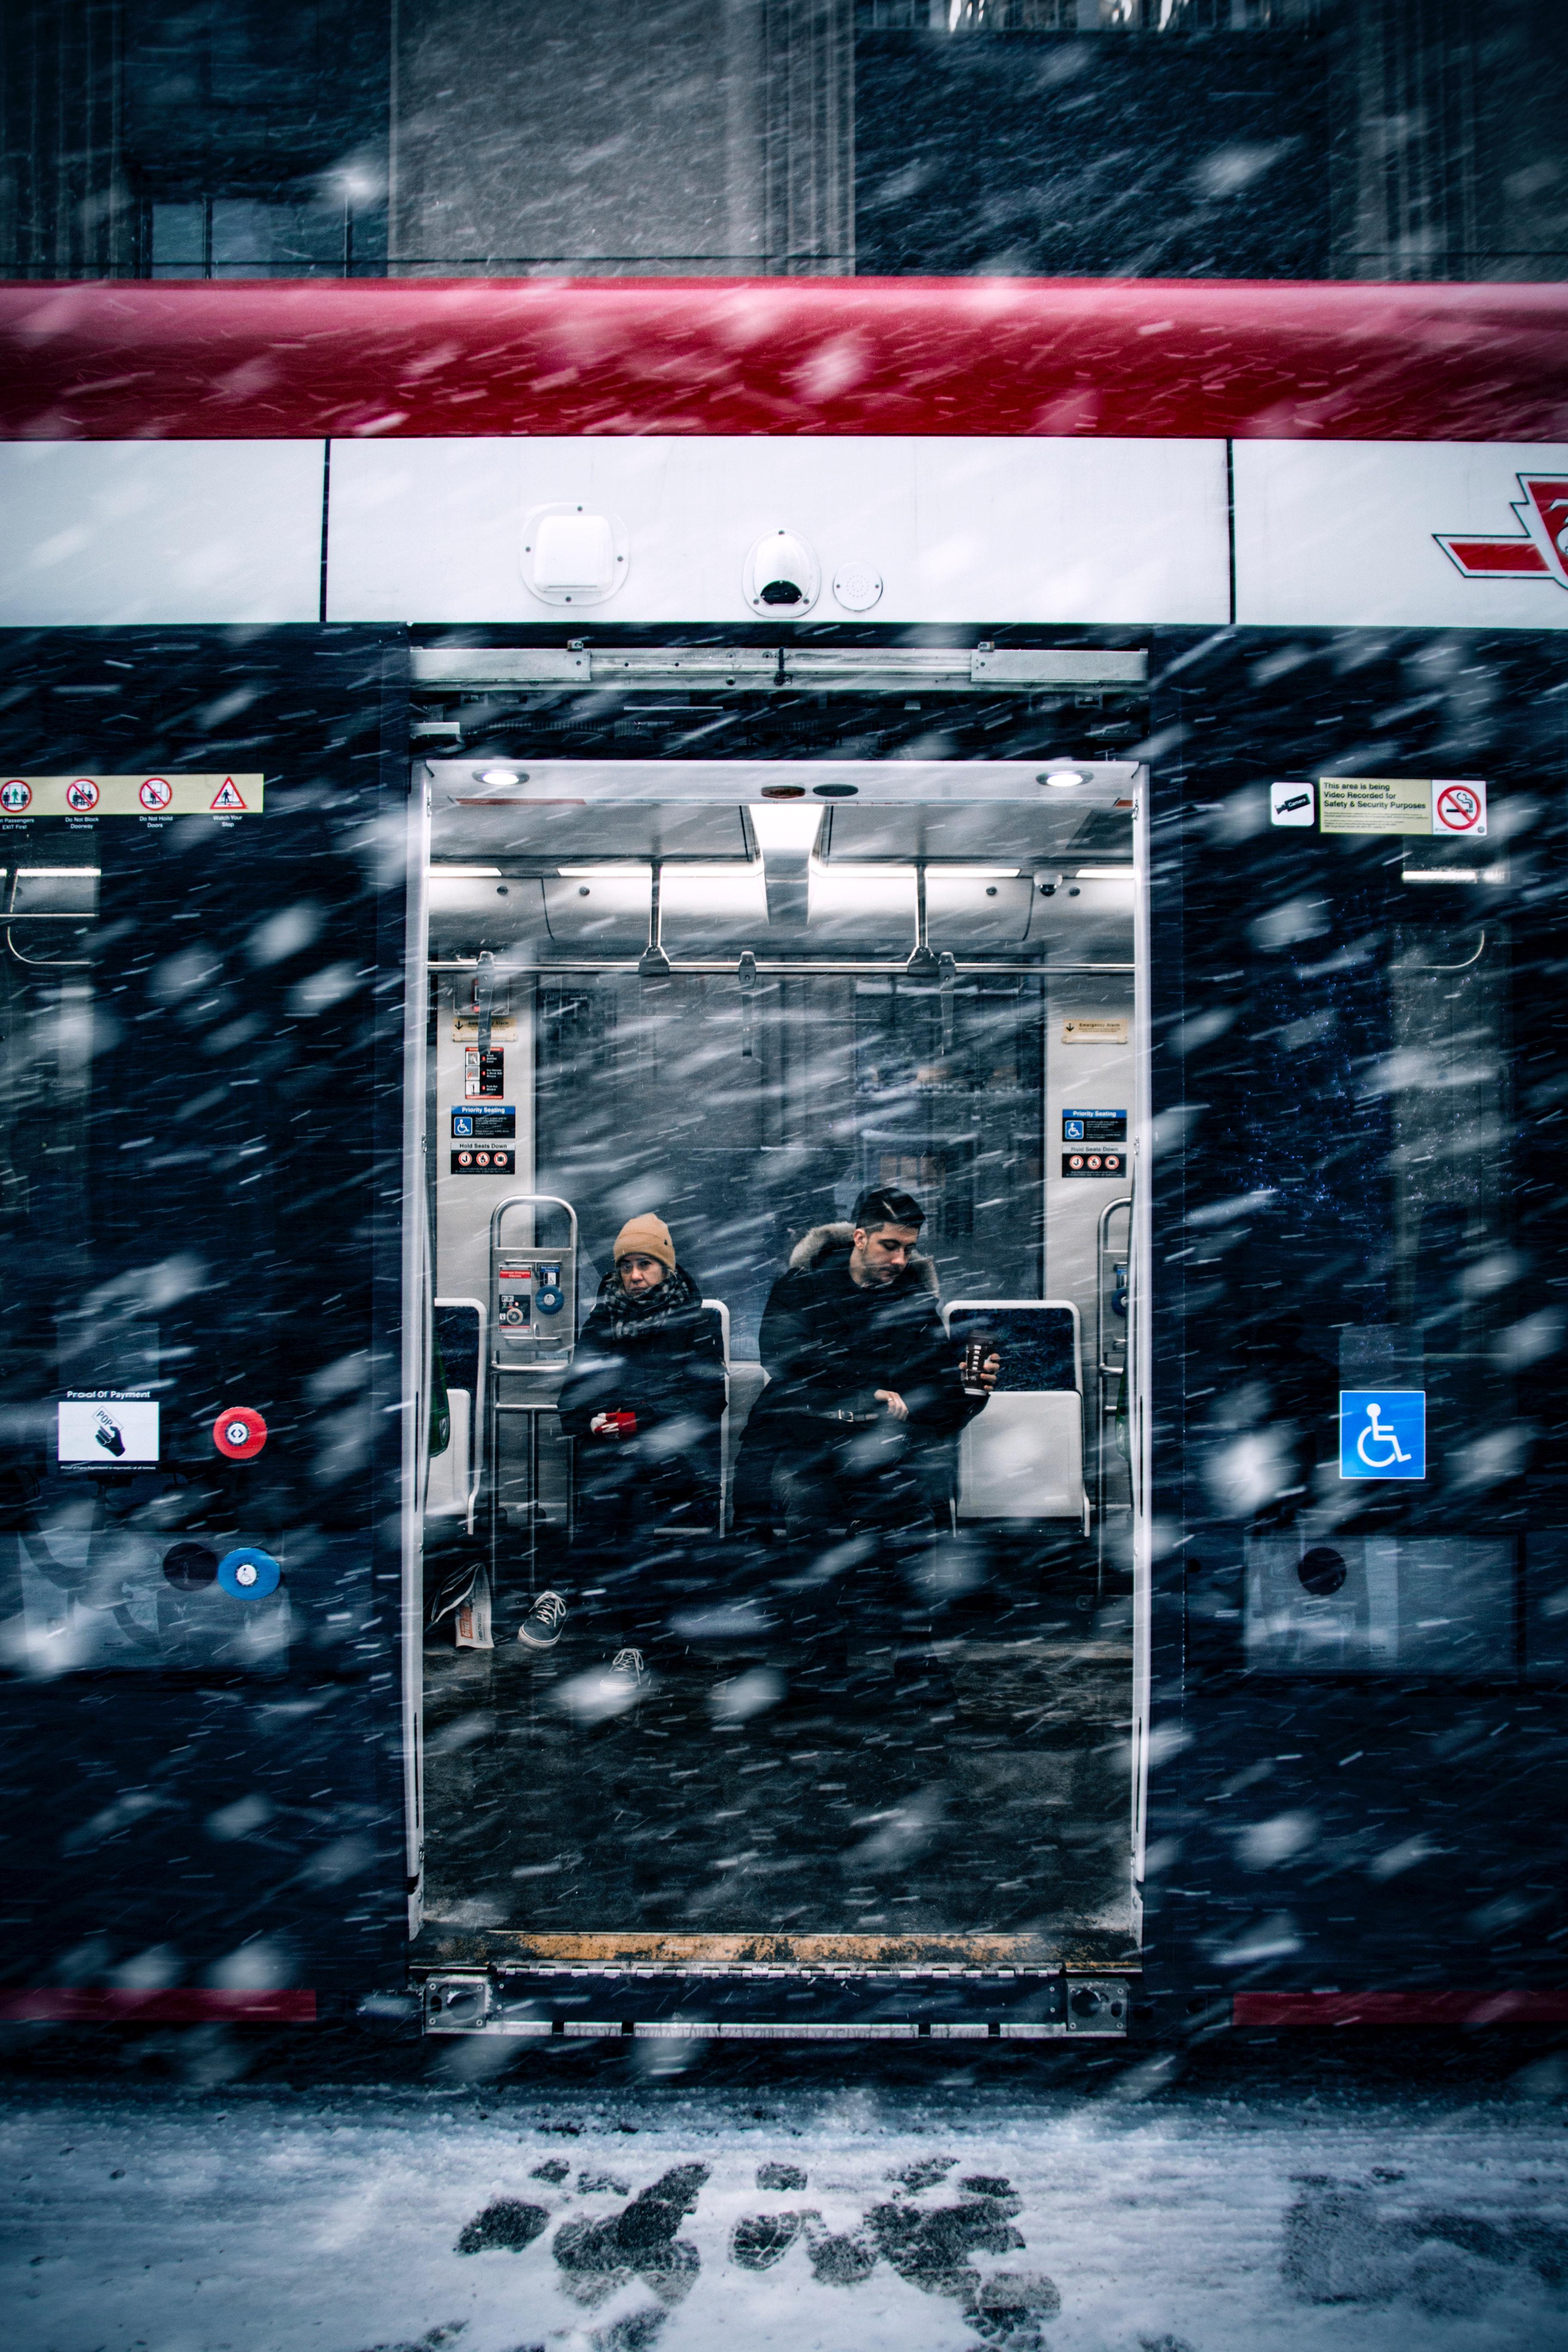 A man beside a woman in a train during snowfall